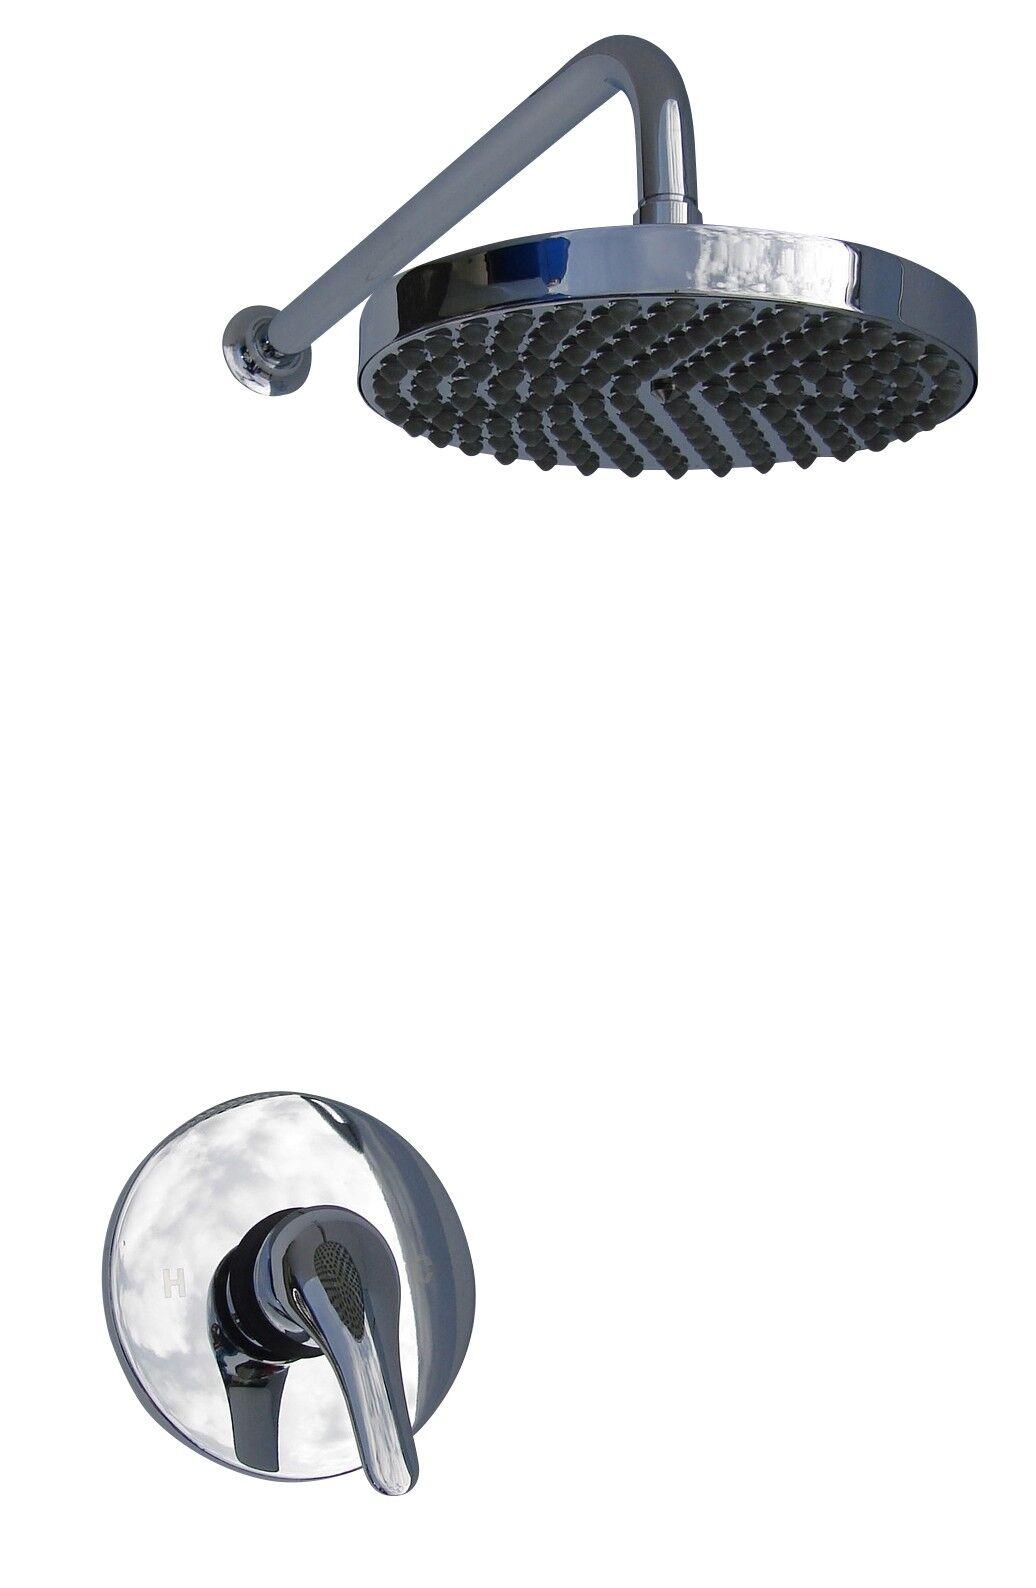 Dissimulé douche mélangeur robinet robinet pluie tête & bras Set, tout métal et chrome, 003